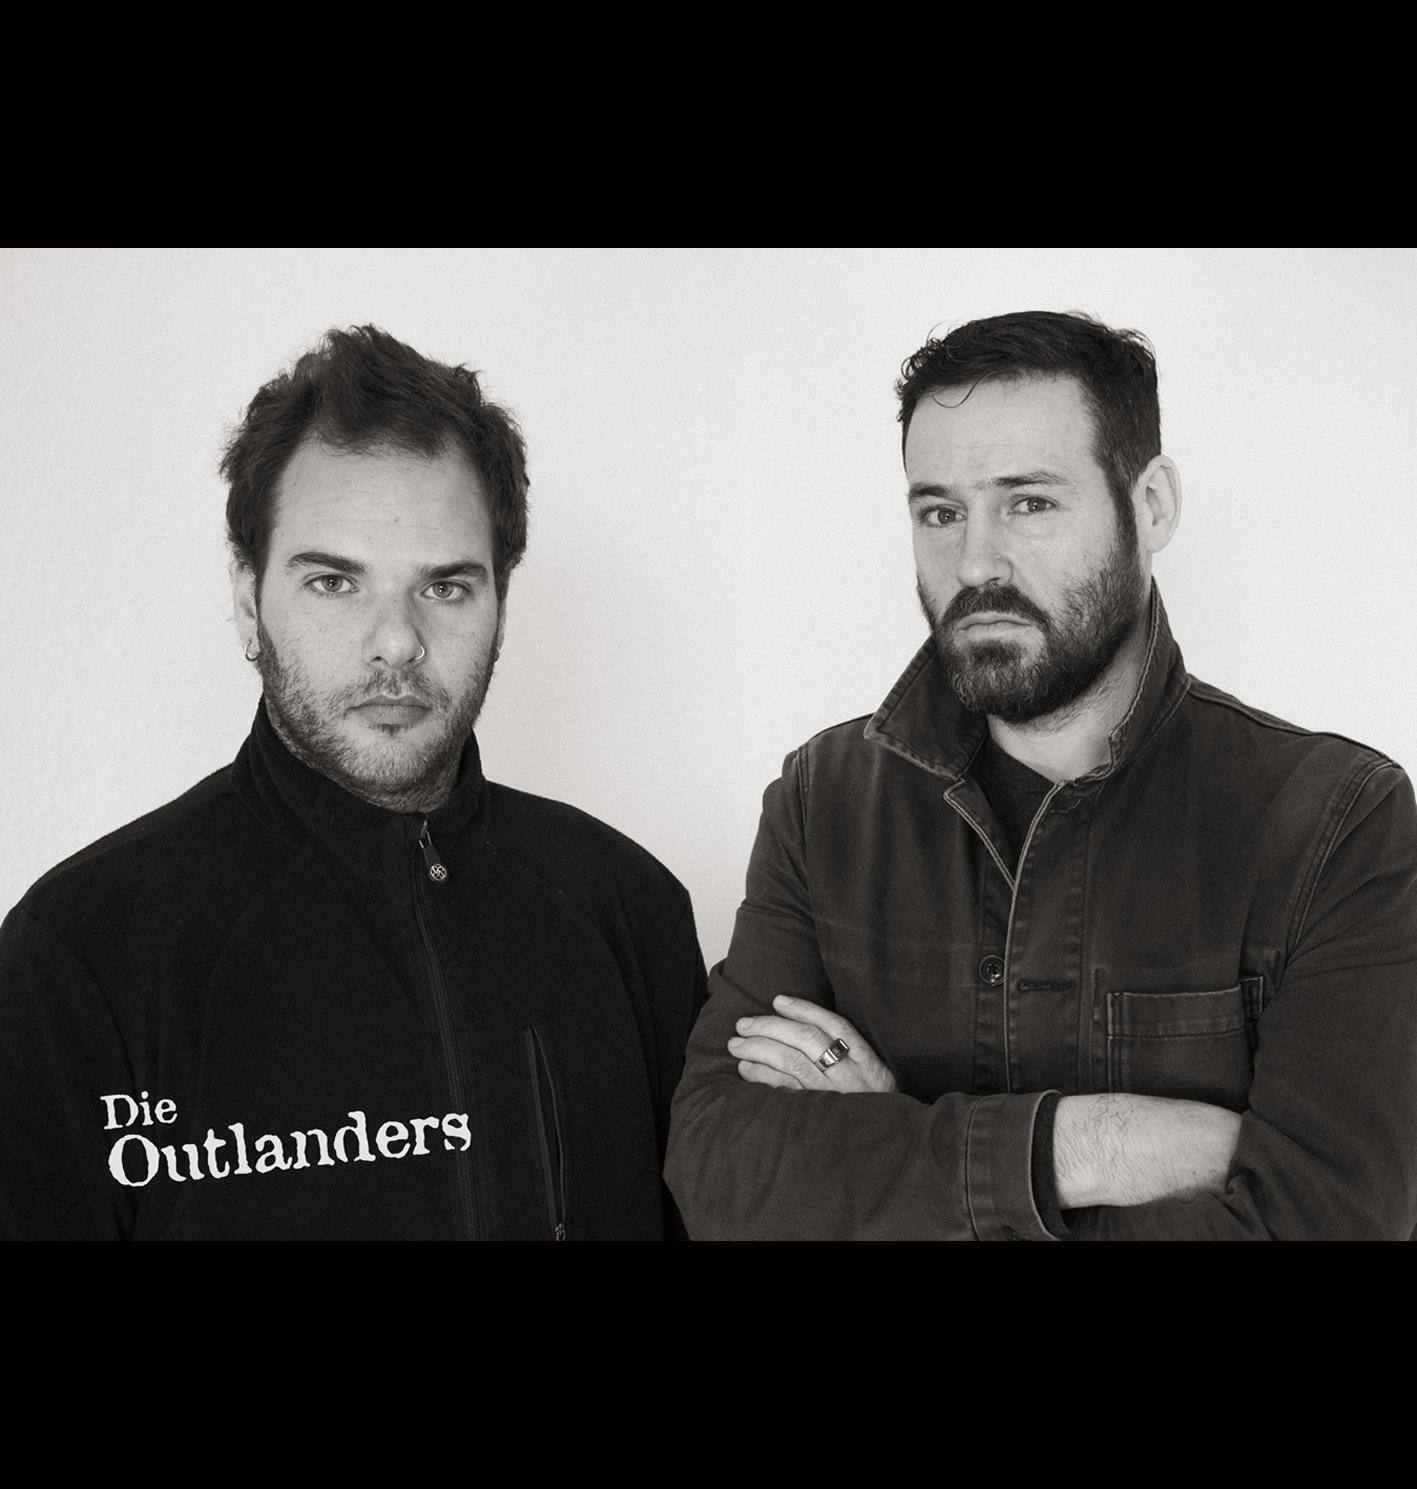 Die Outlanders